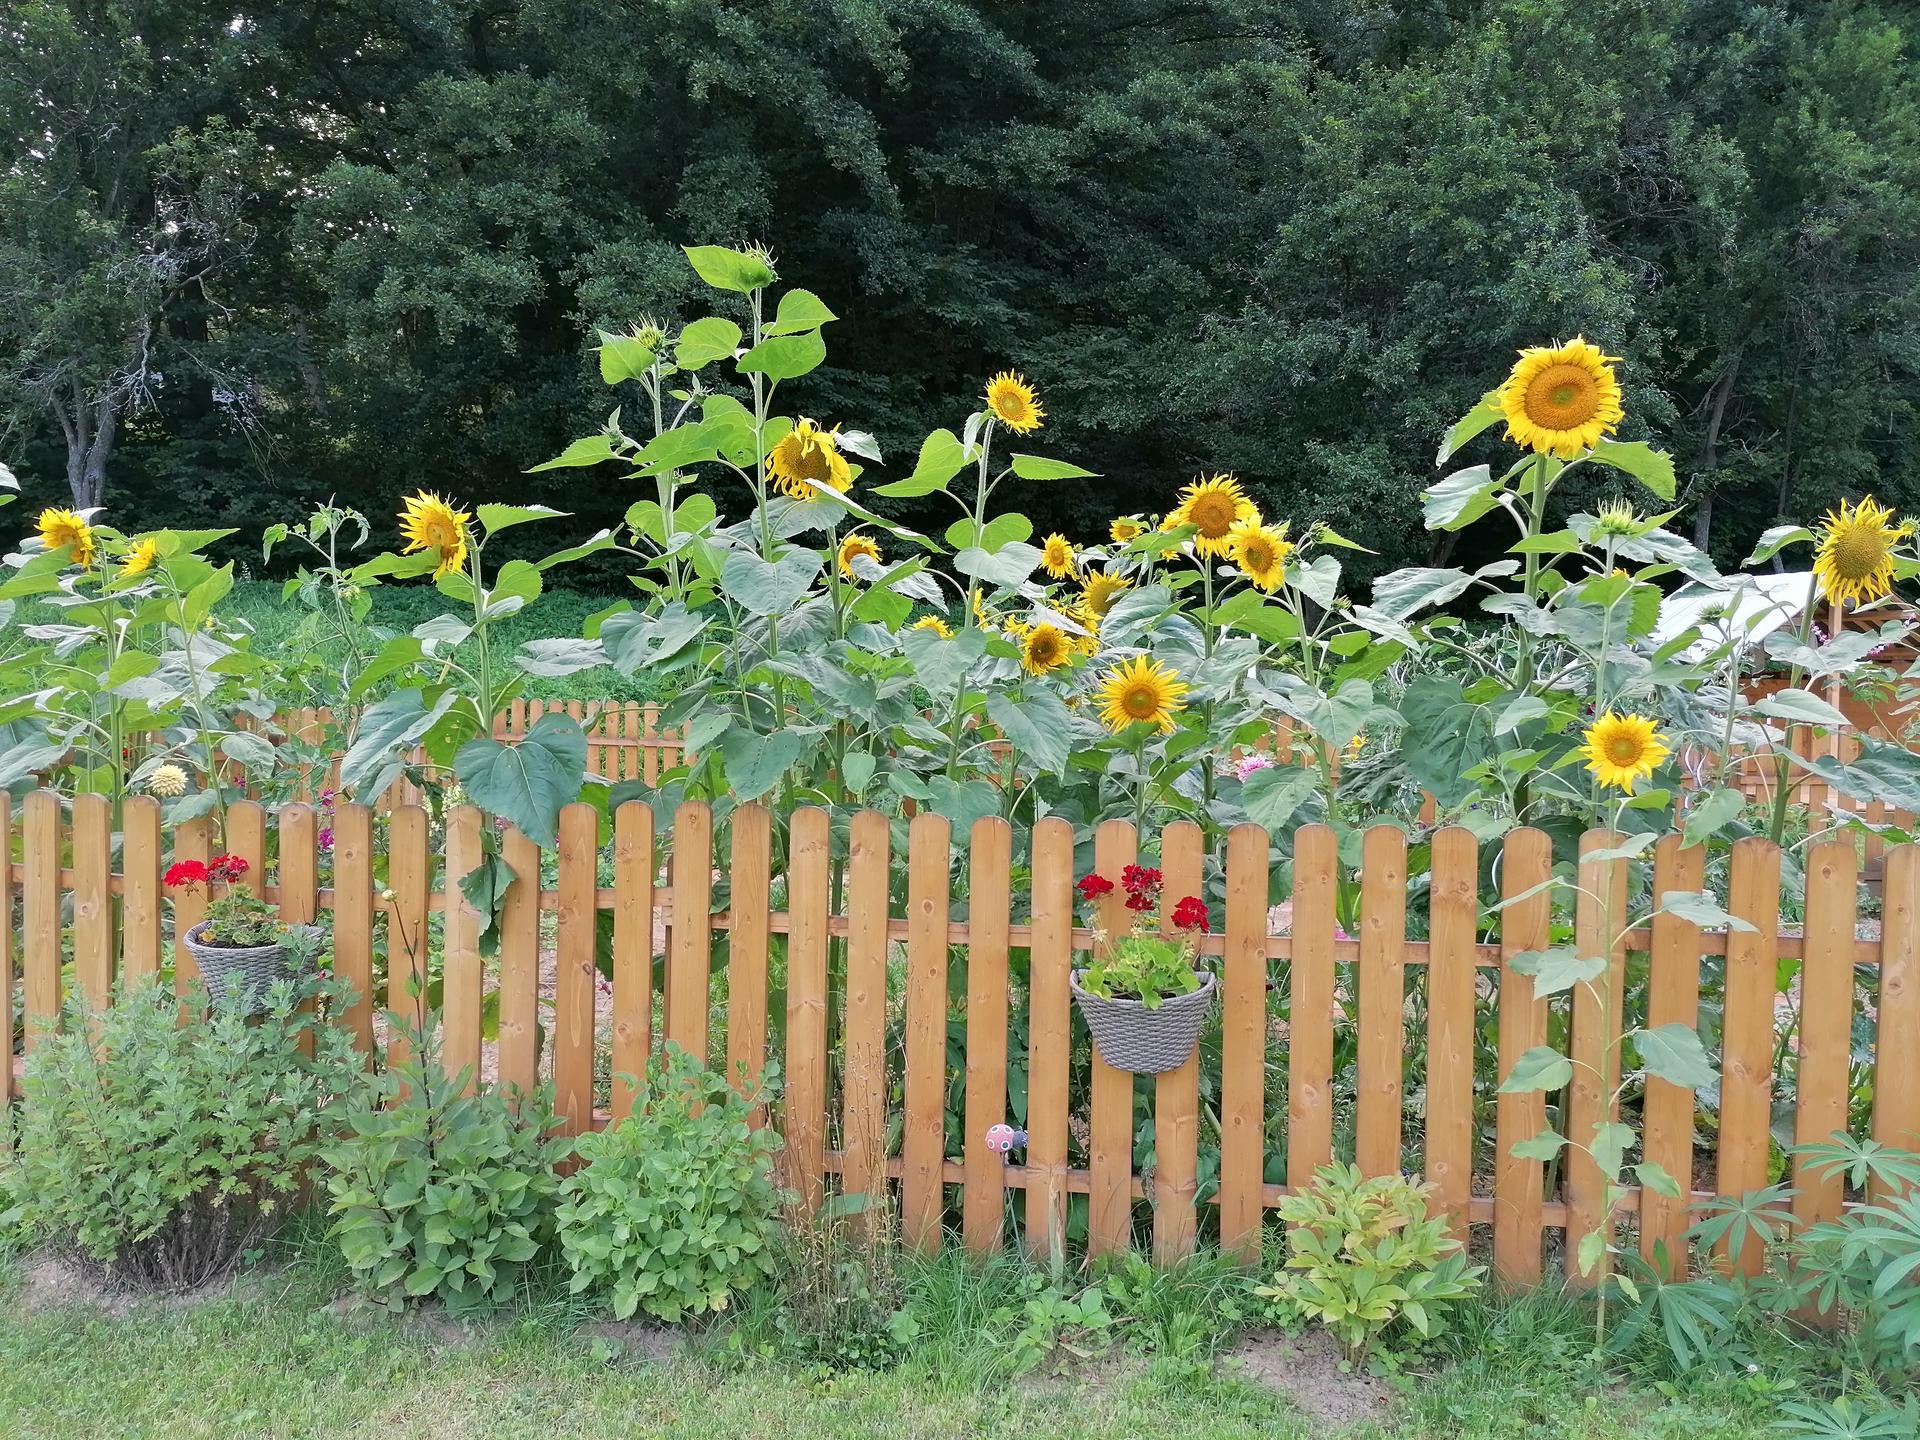 záhrada - Obrázok č. 191